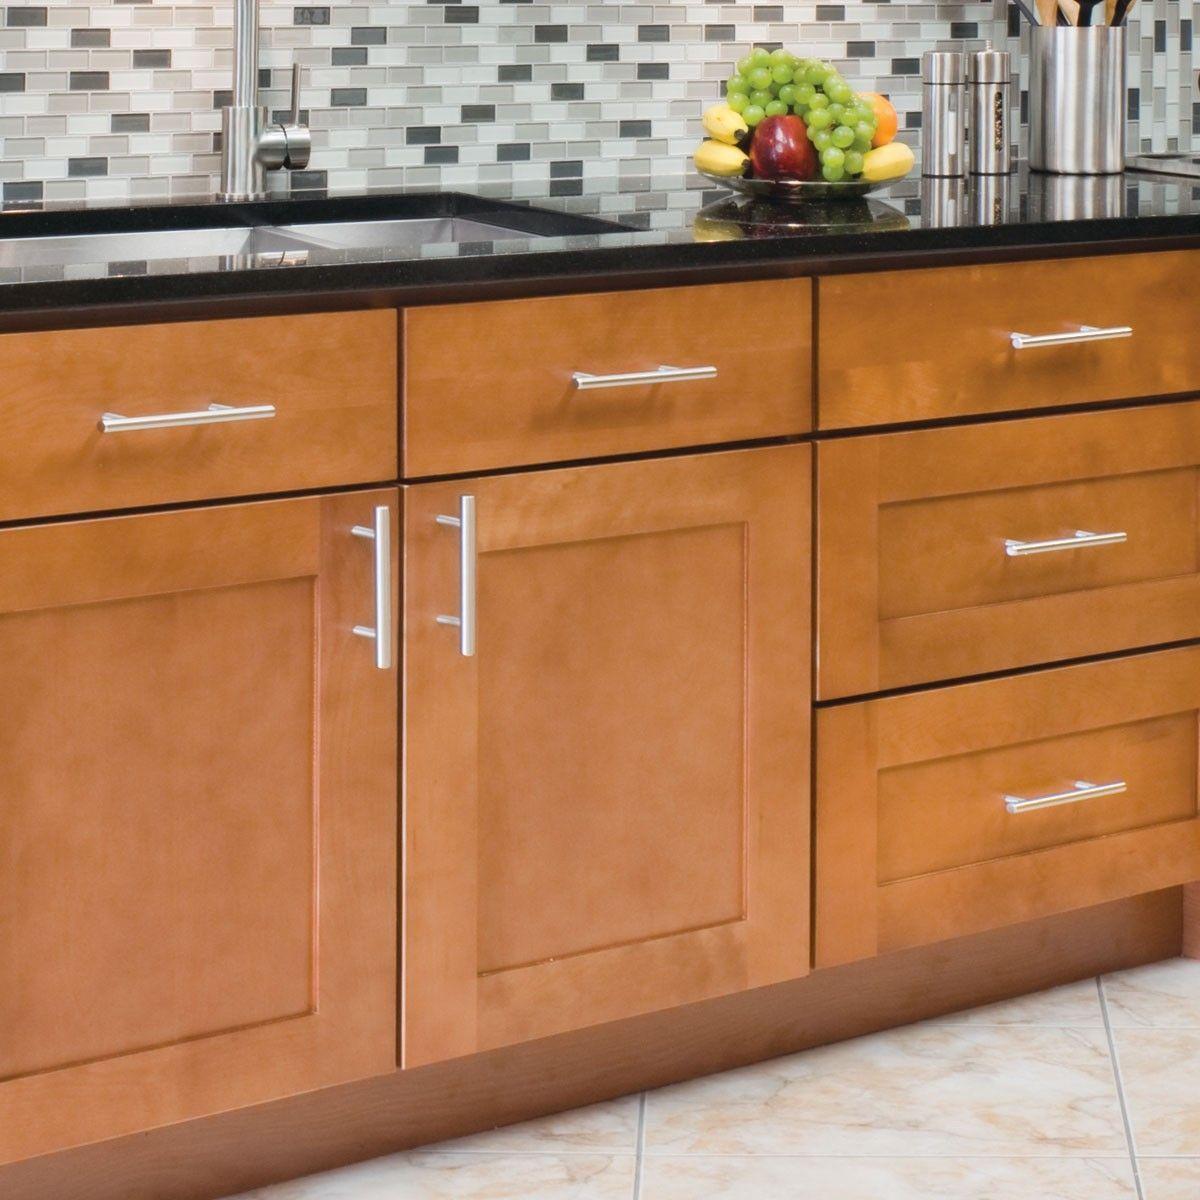 Stainless Steel Kitchen Cabinet Door Handles | Kitchen Cabinets ...